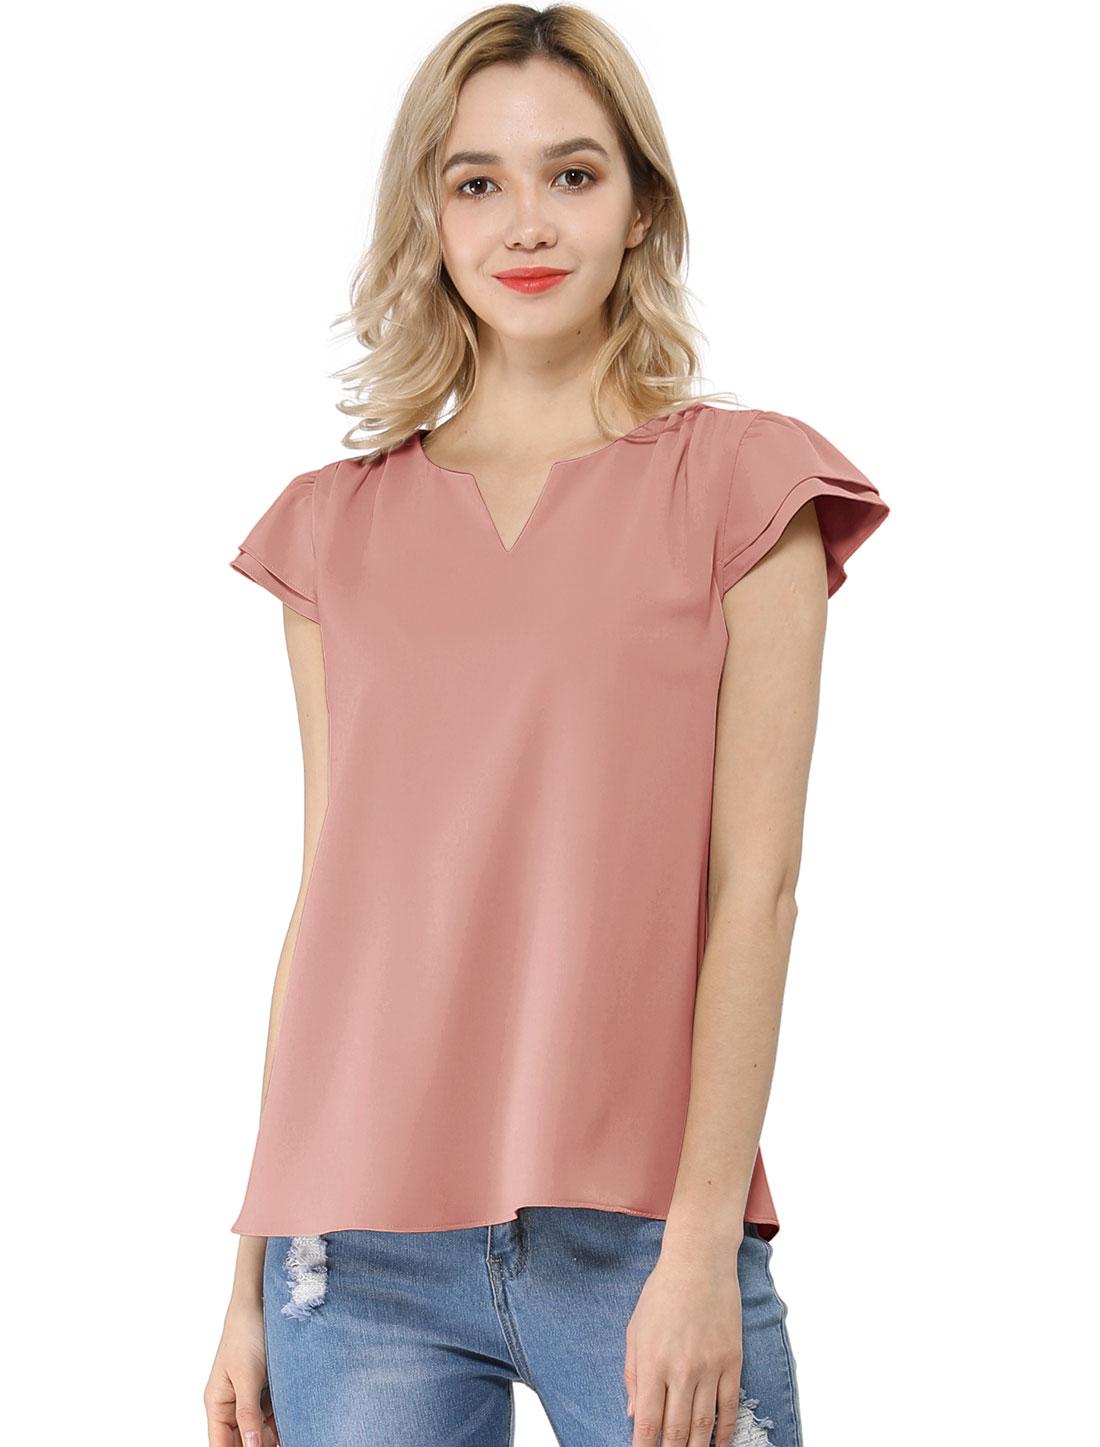 Allegra K Women's Work Business Casual Cap Sleeve Blouse Pink XL